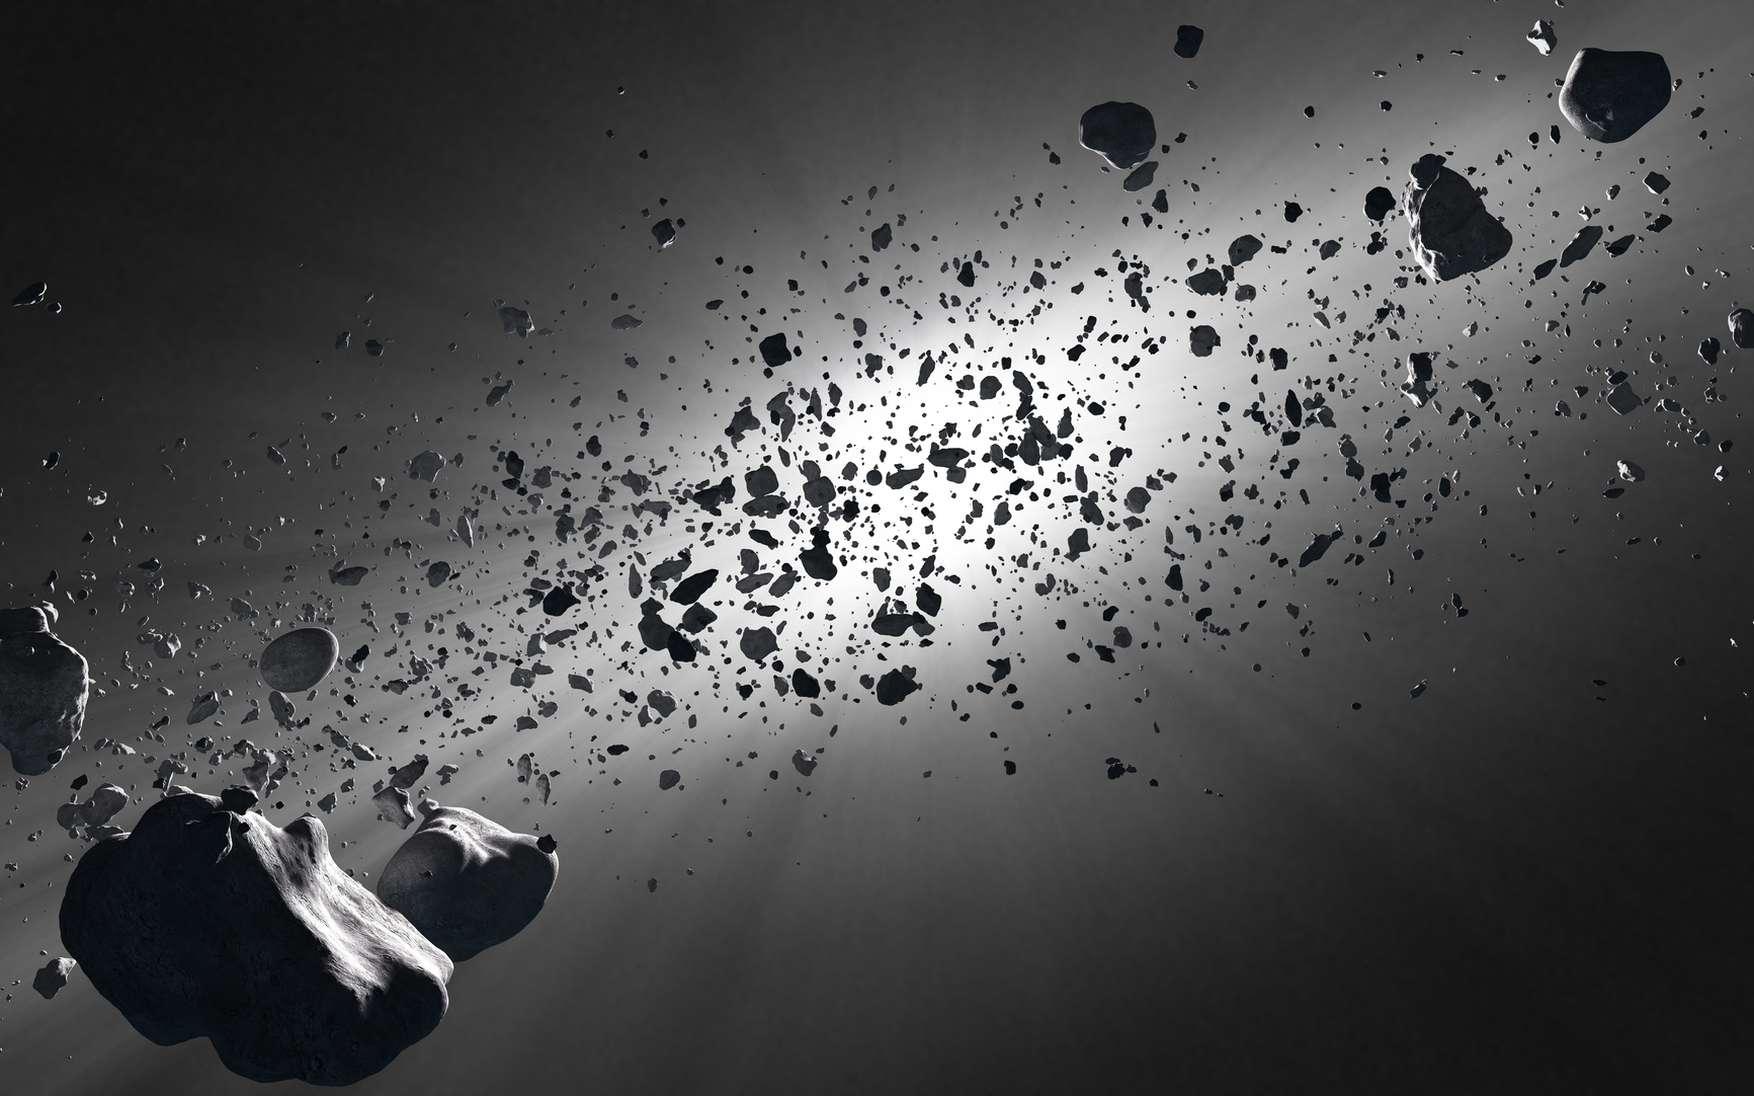 La ceinture de Kuiper, longtemps suspectée, est observée depuis 1992. Cette vue d'artiste l'évoque bien qu'elle corresponde davantage à la ceinture d'astéroïdes entre Mars et Jupiter. La densité d'objets est en réalité très faible. © Johan Swanepoel, Fotolia